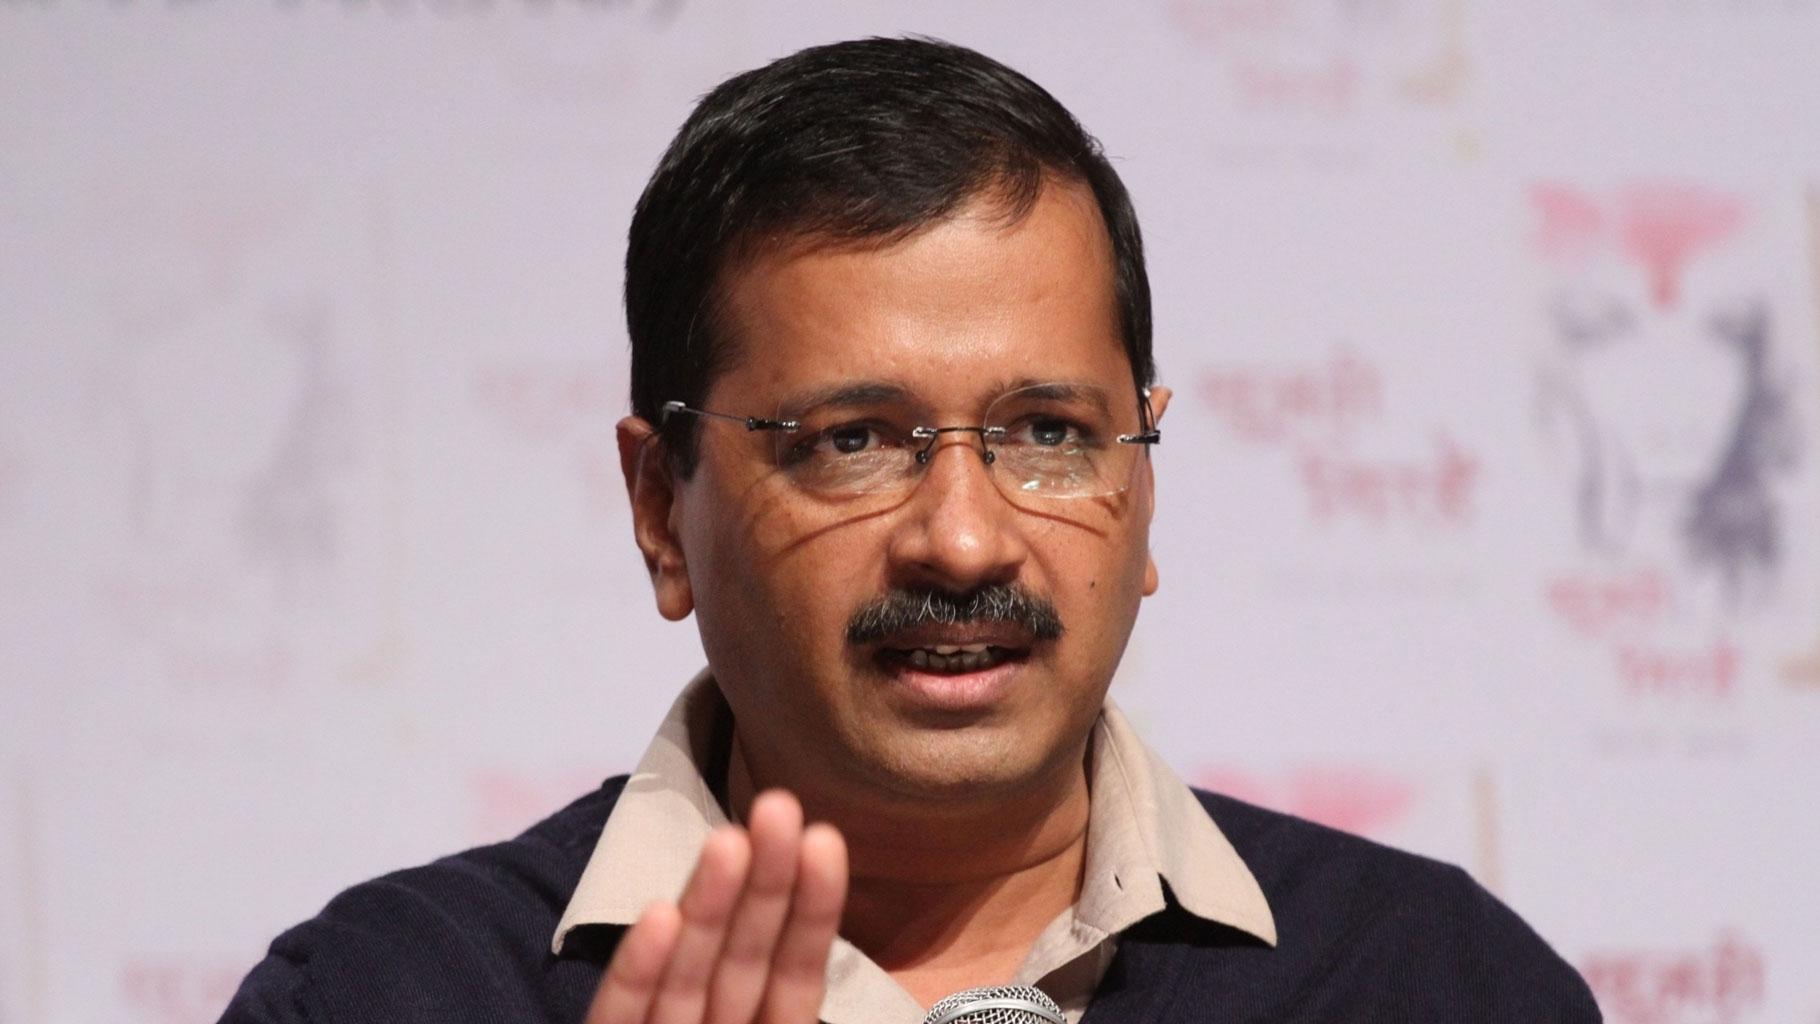 Rs 25,000 Ex-Gratia to Those Whose Houses Were Burnt: Delhi CM